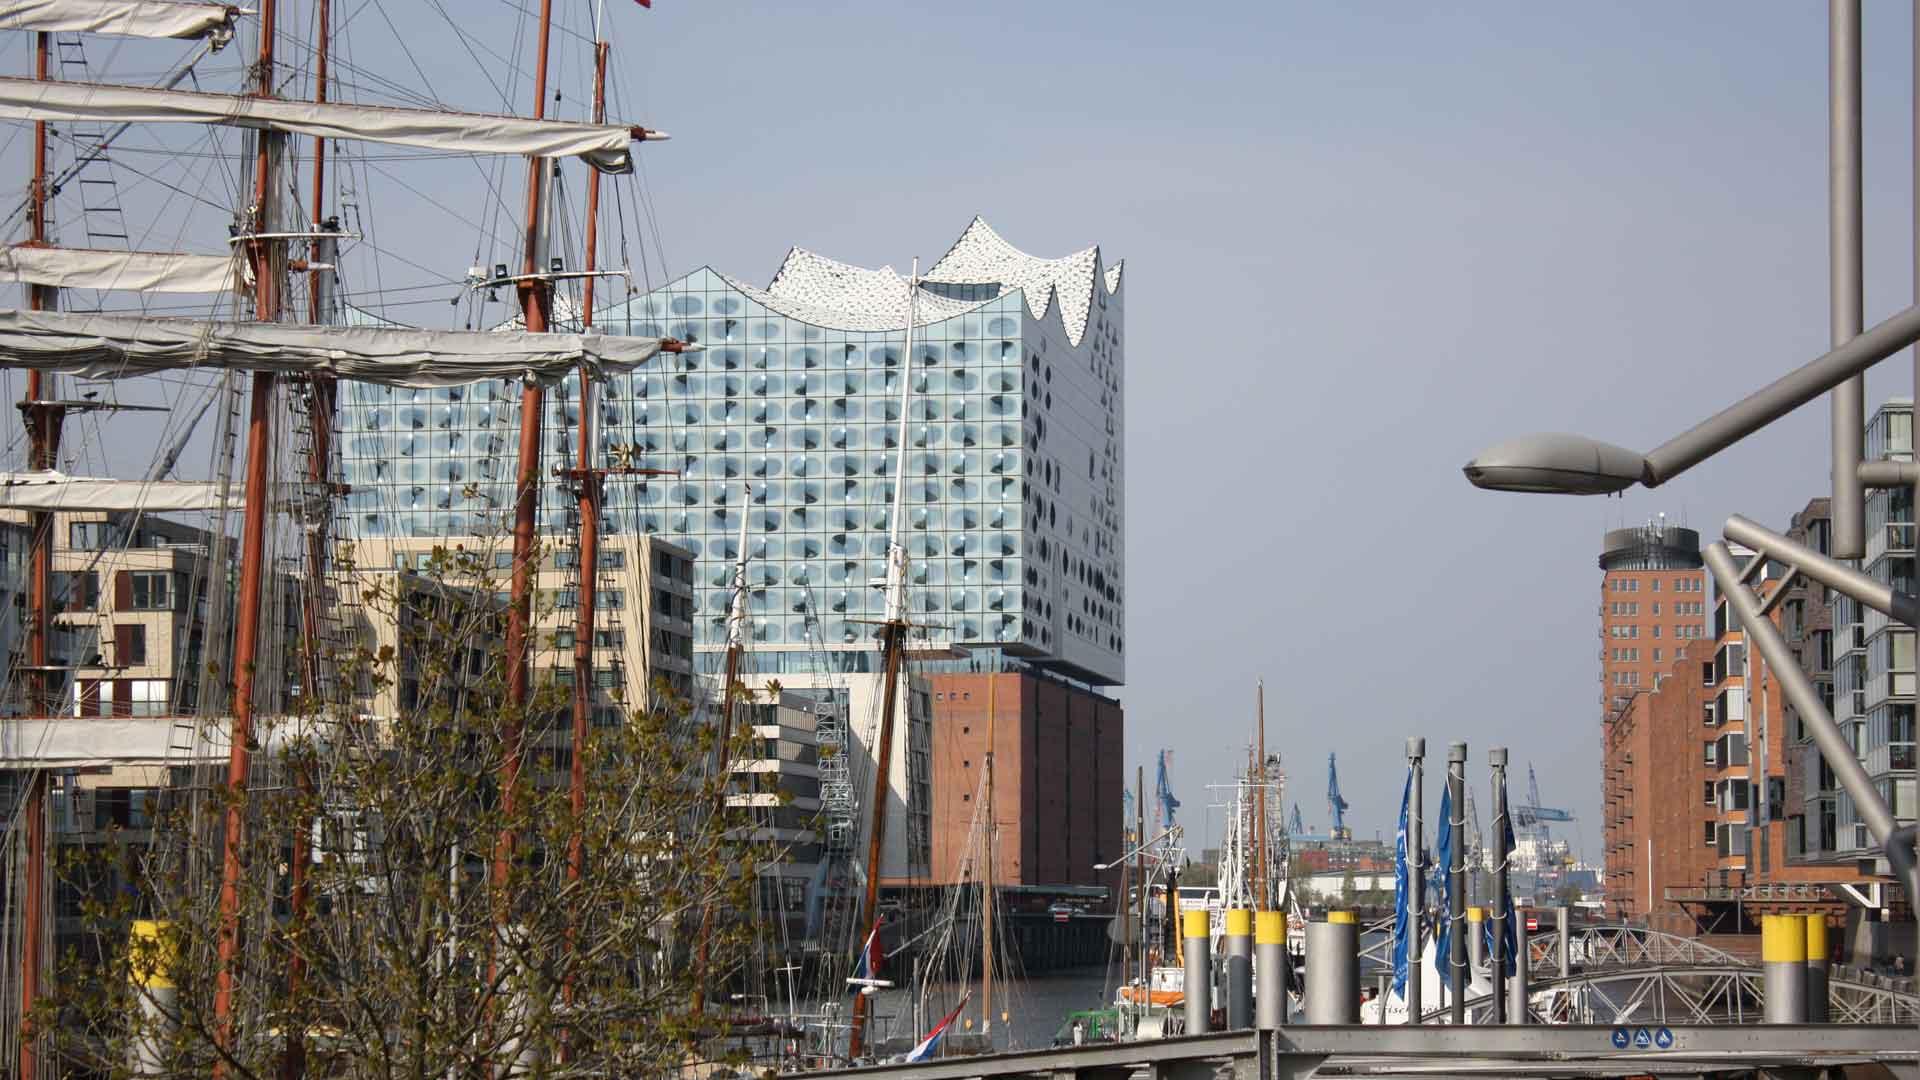 De nieuwe Elbphilharmonie in Hamburg is bijzonder fotogeniek